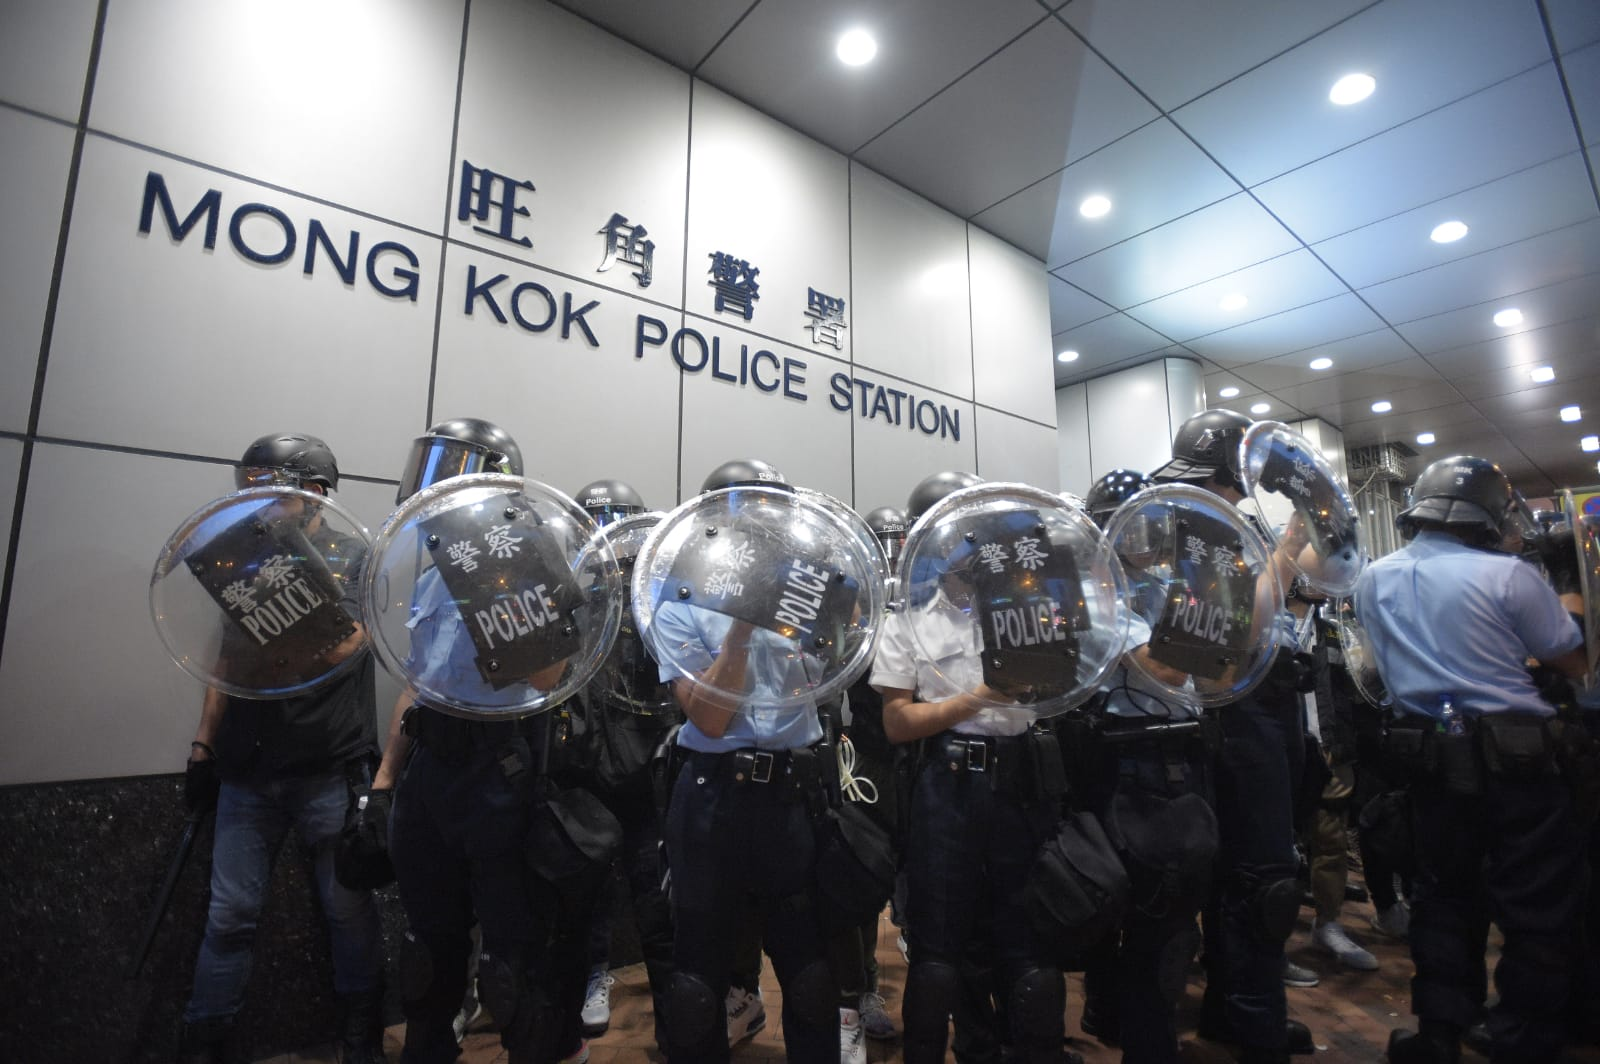 【逃犯條例】警方彌敦道清場後離開 部分示威者經旺角站油麻地站離開